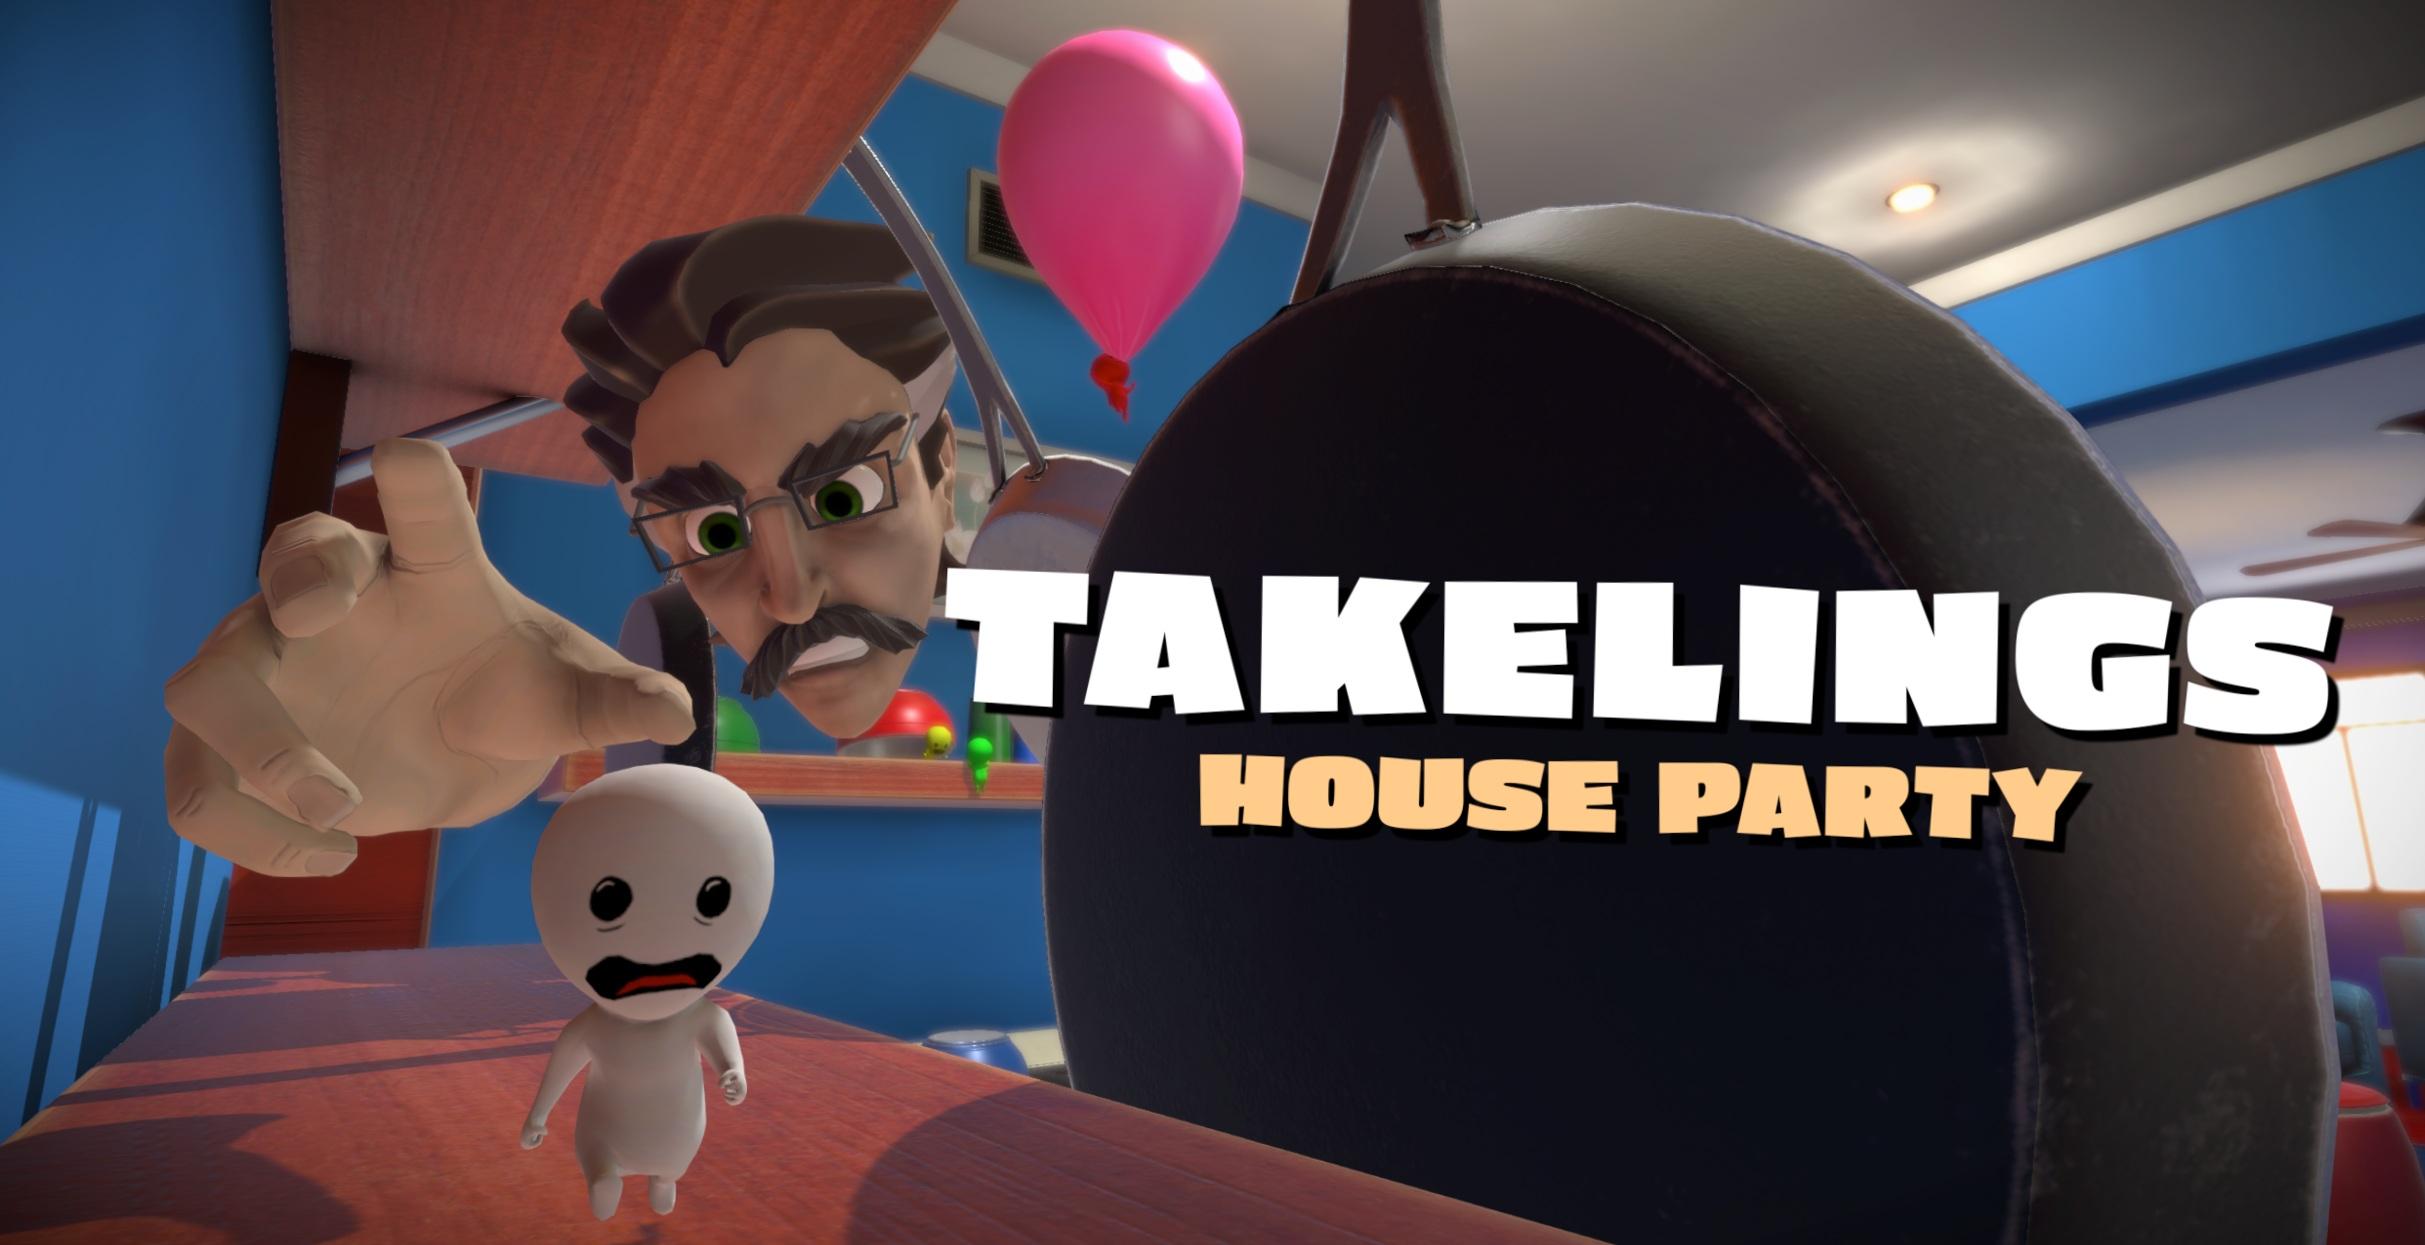 TakelingsCompleteLogo1440_00000.jpg